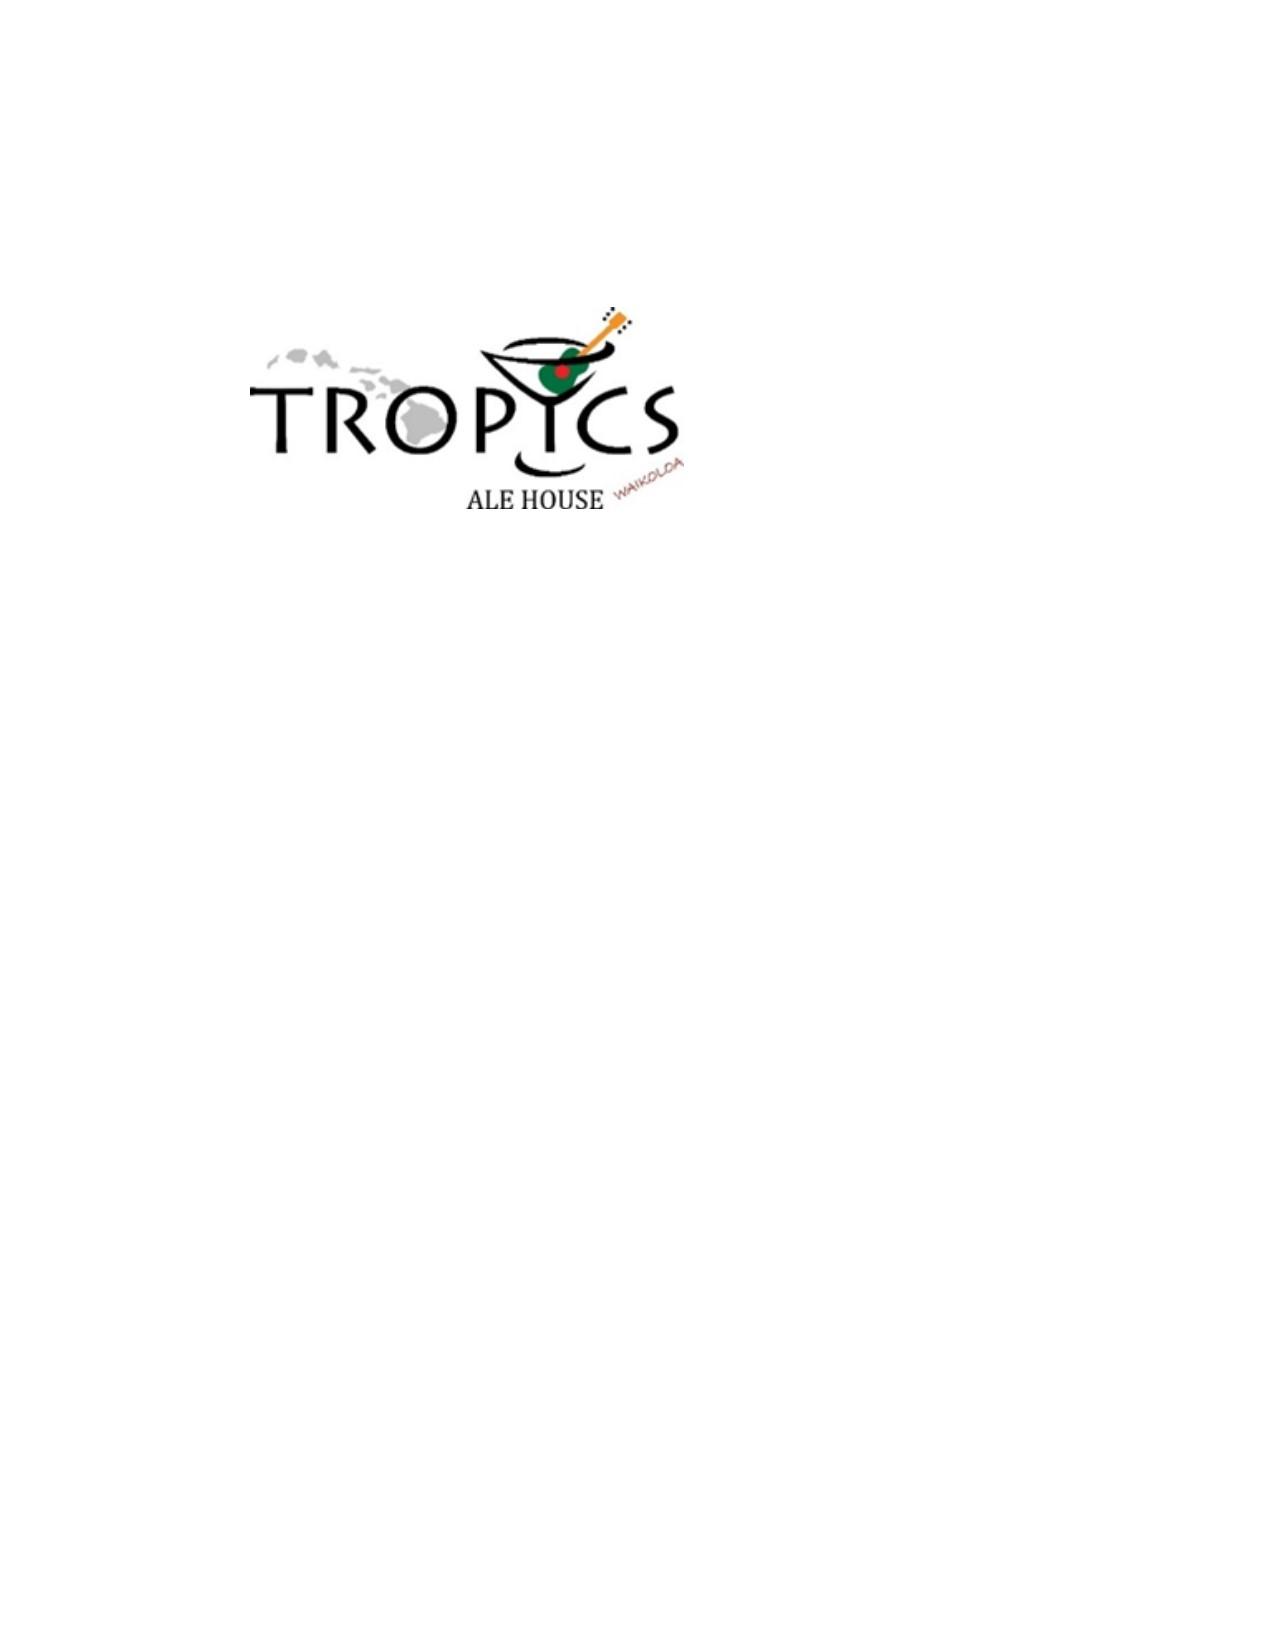 Tropics Ale House Waikoloa